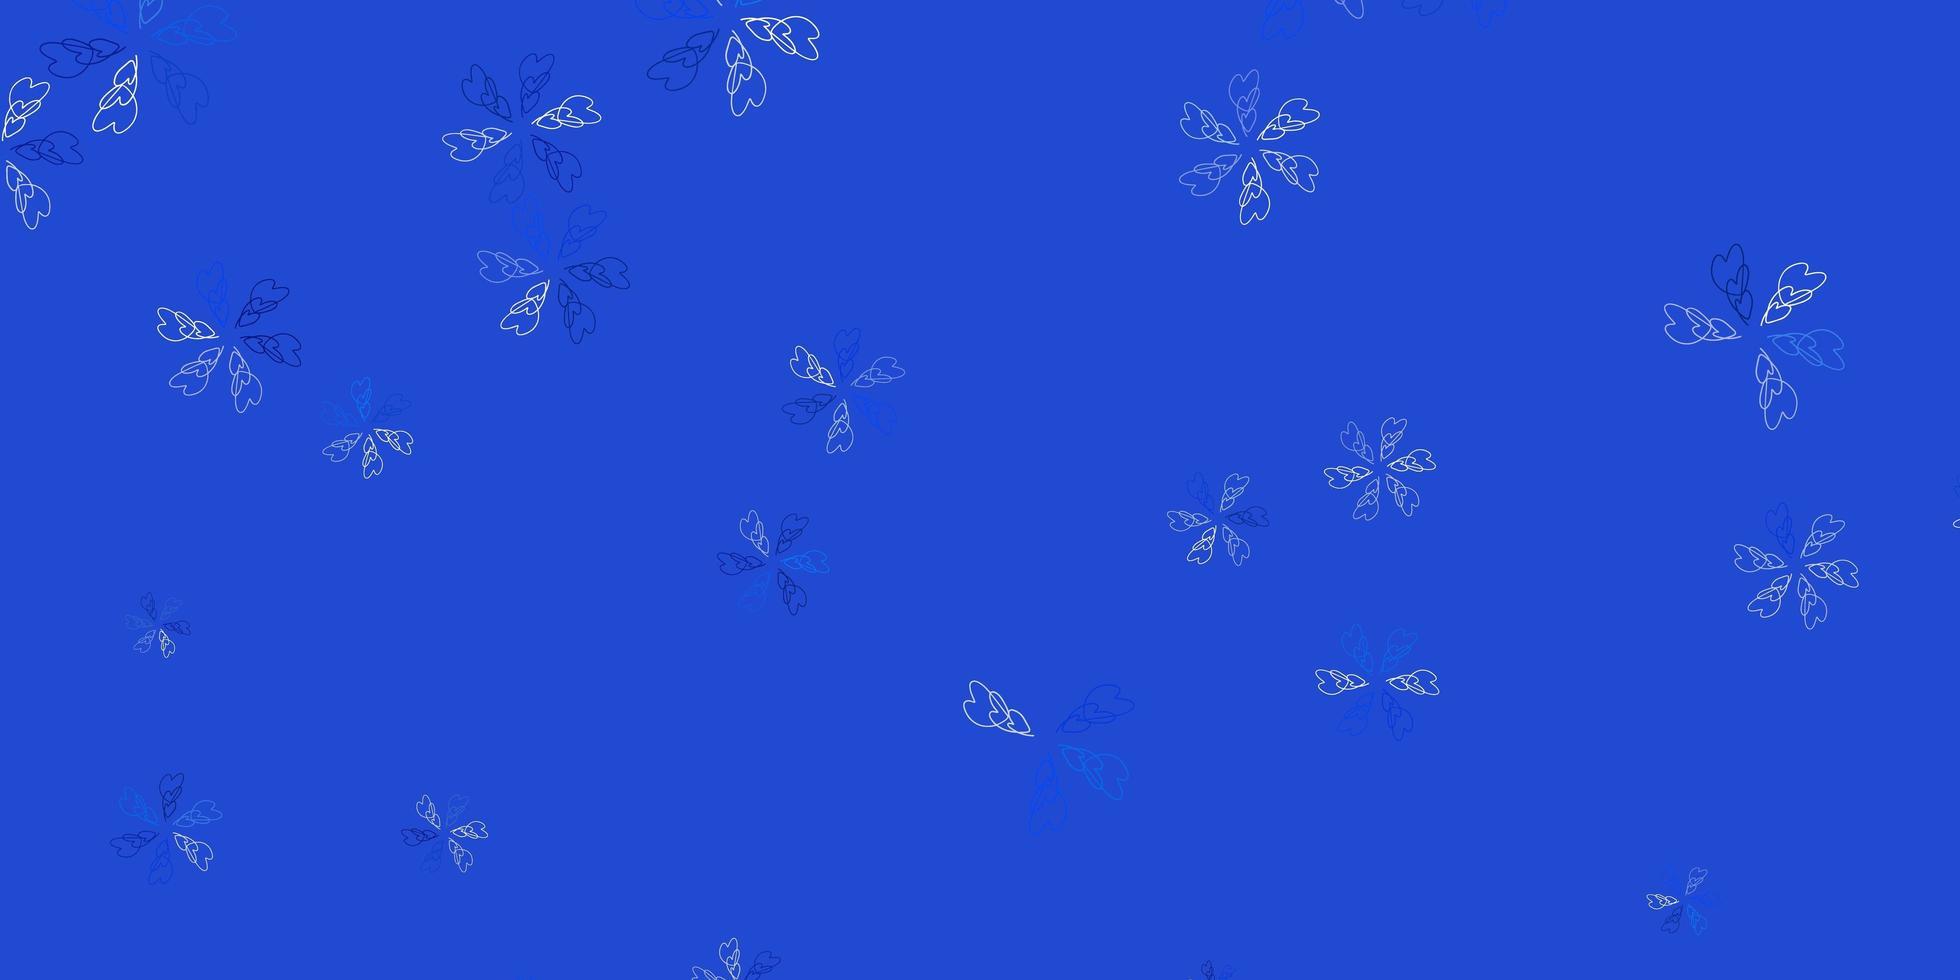 luz azul padrão abstrato do vetor com folhas.